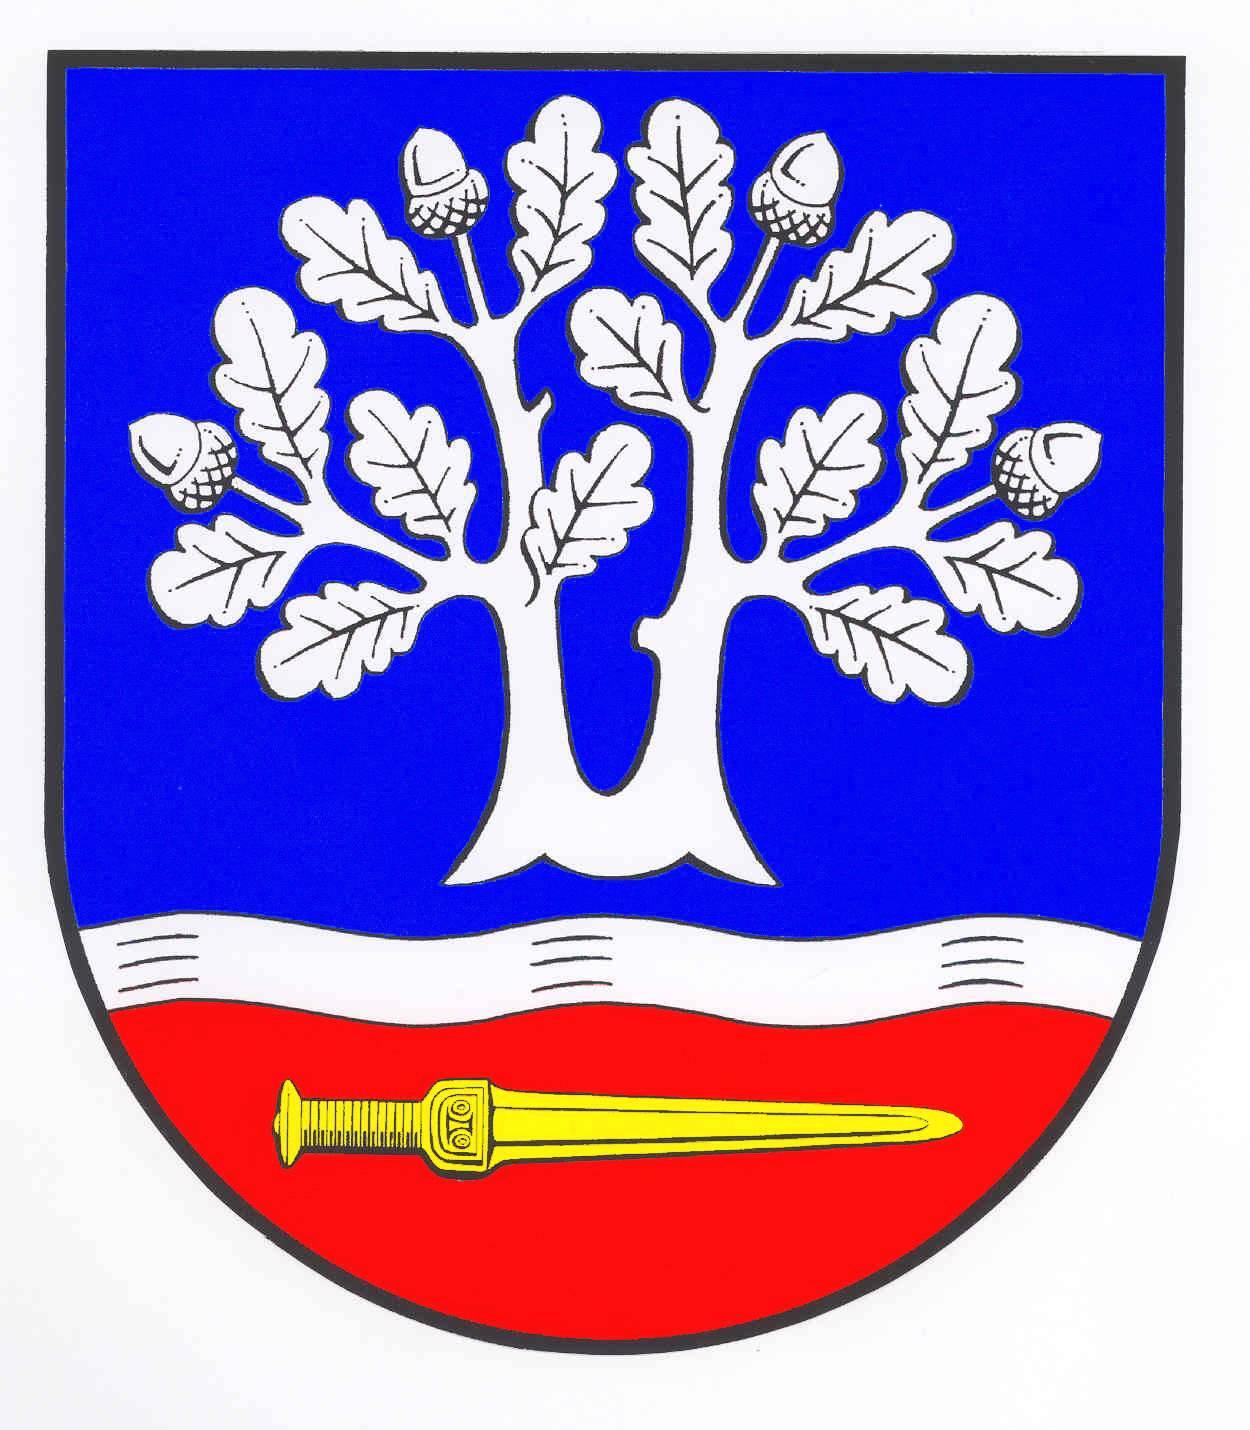 Wappen GemeindeLooft, Kreis Steinburg